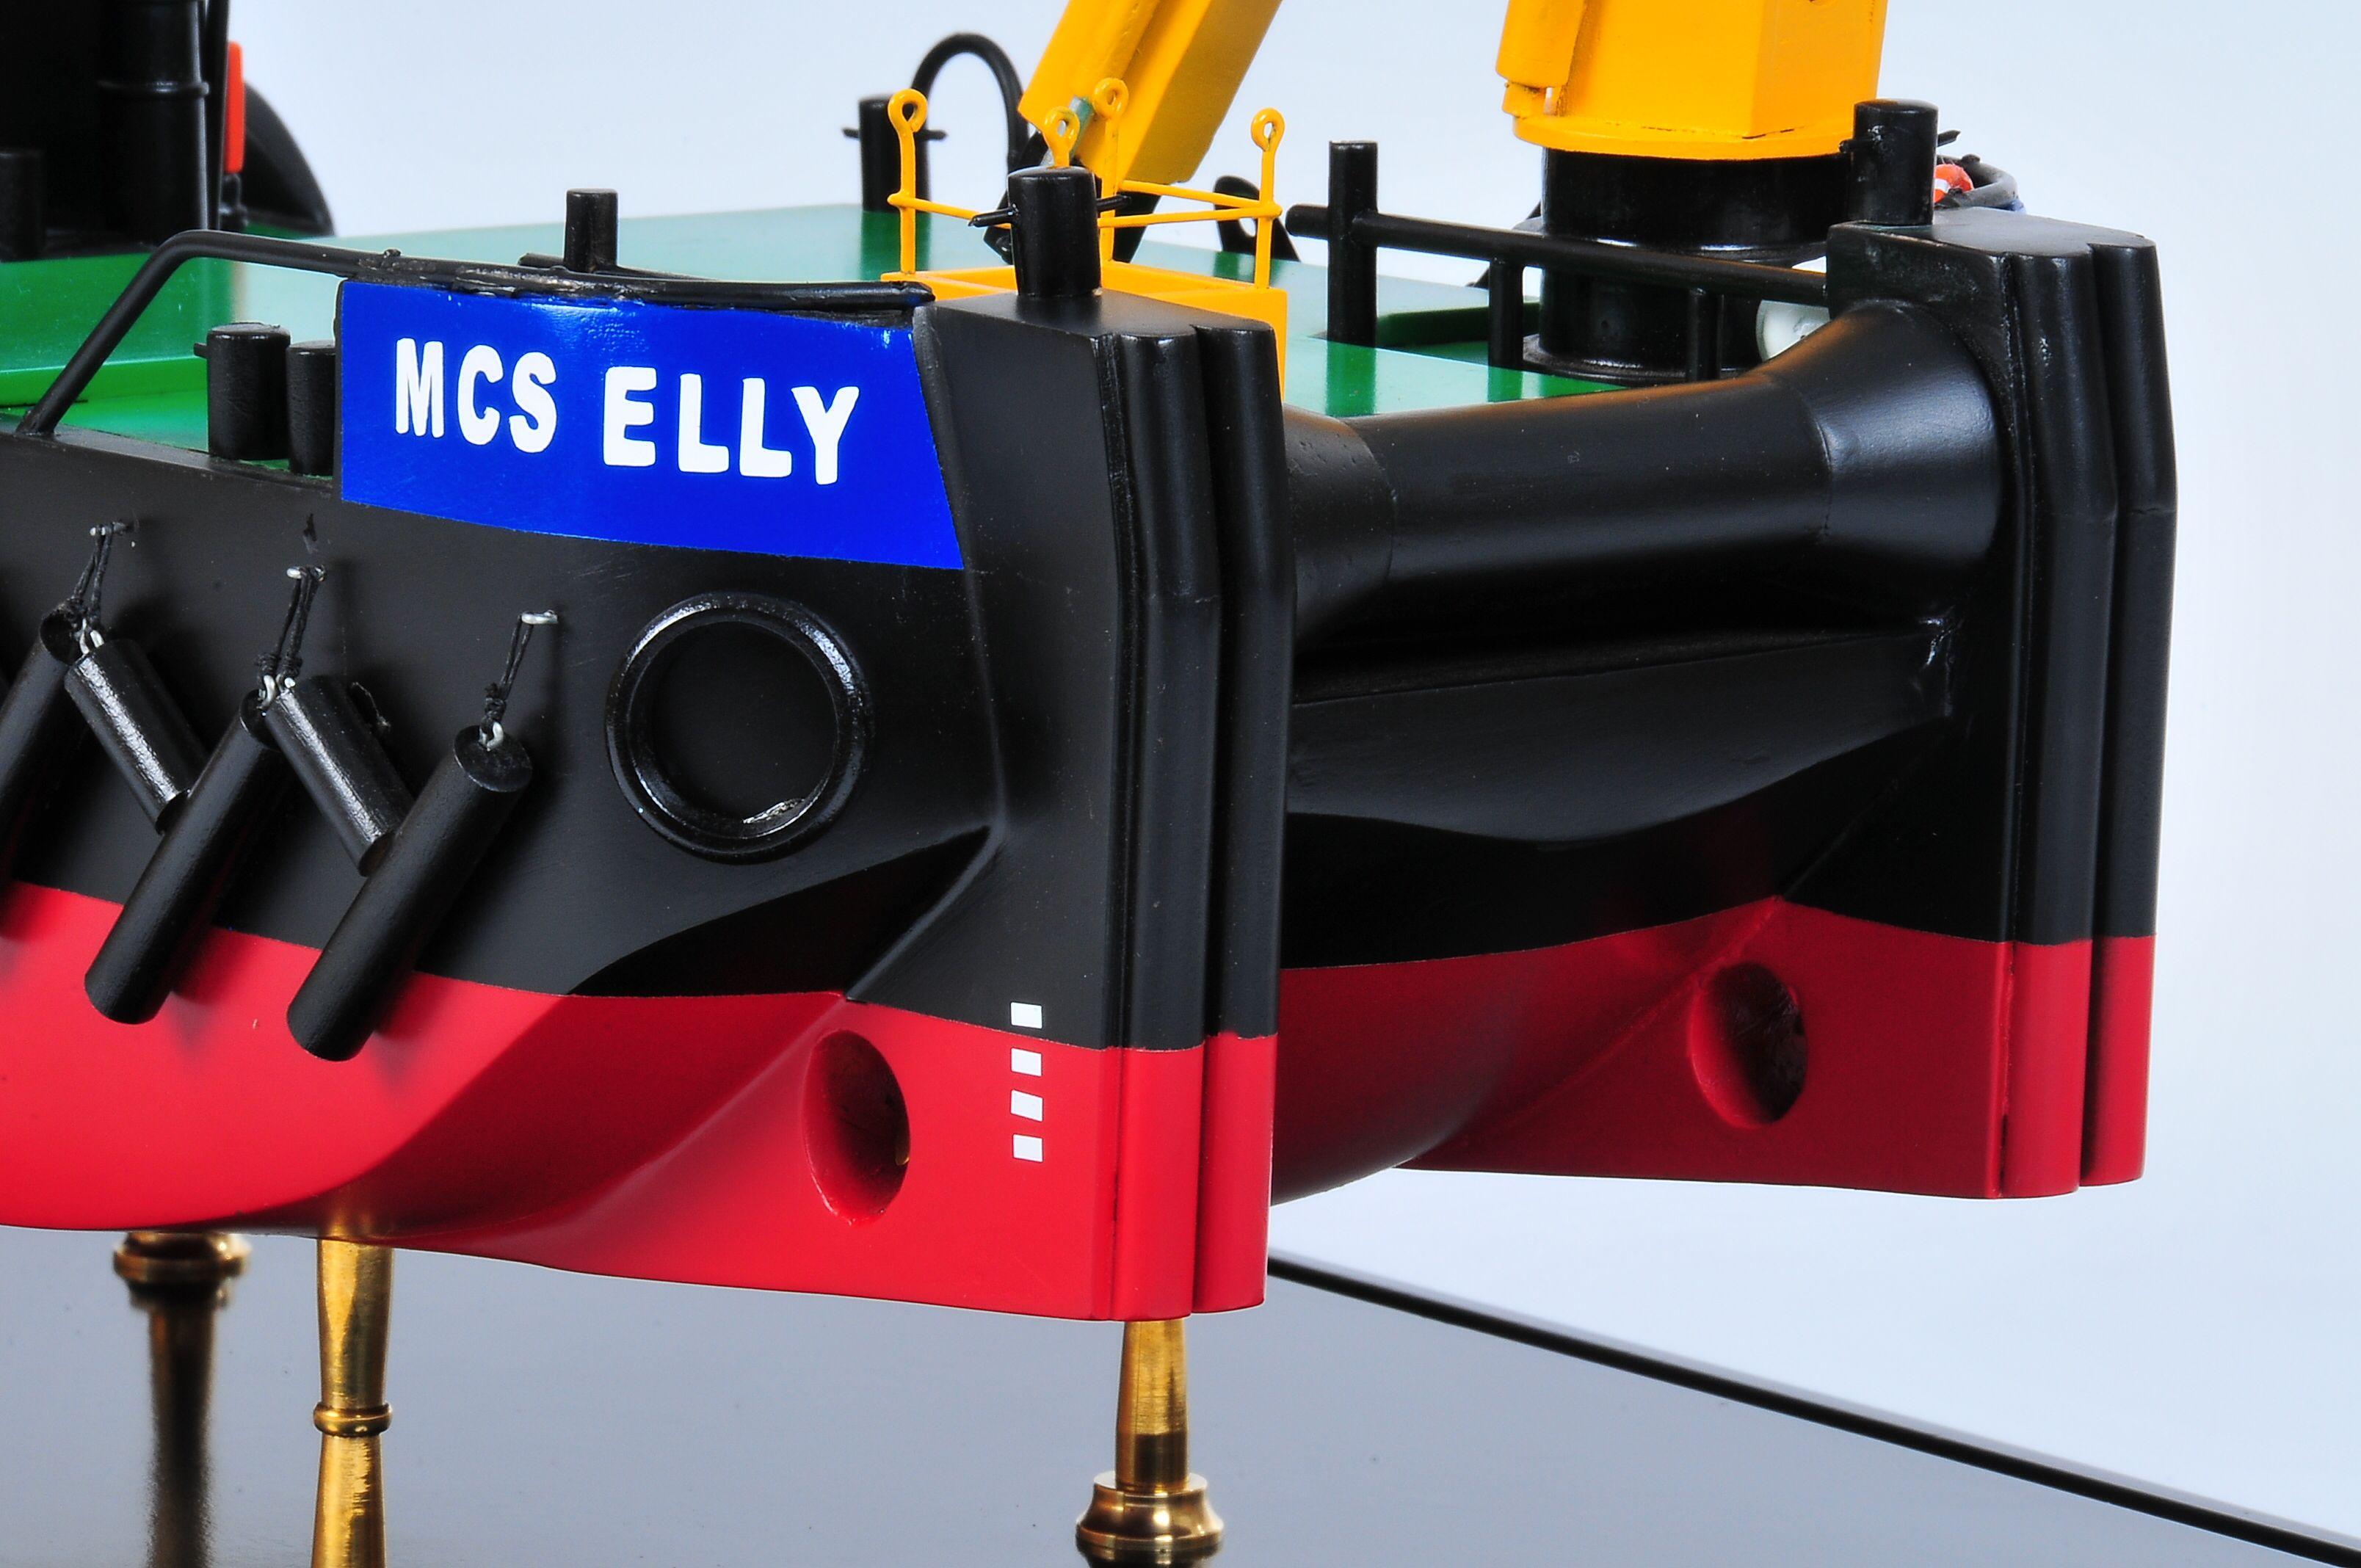 1087-6063-MCS-Elly